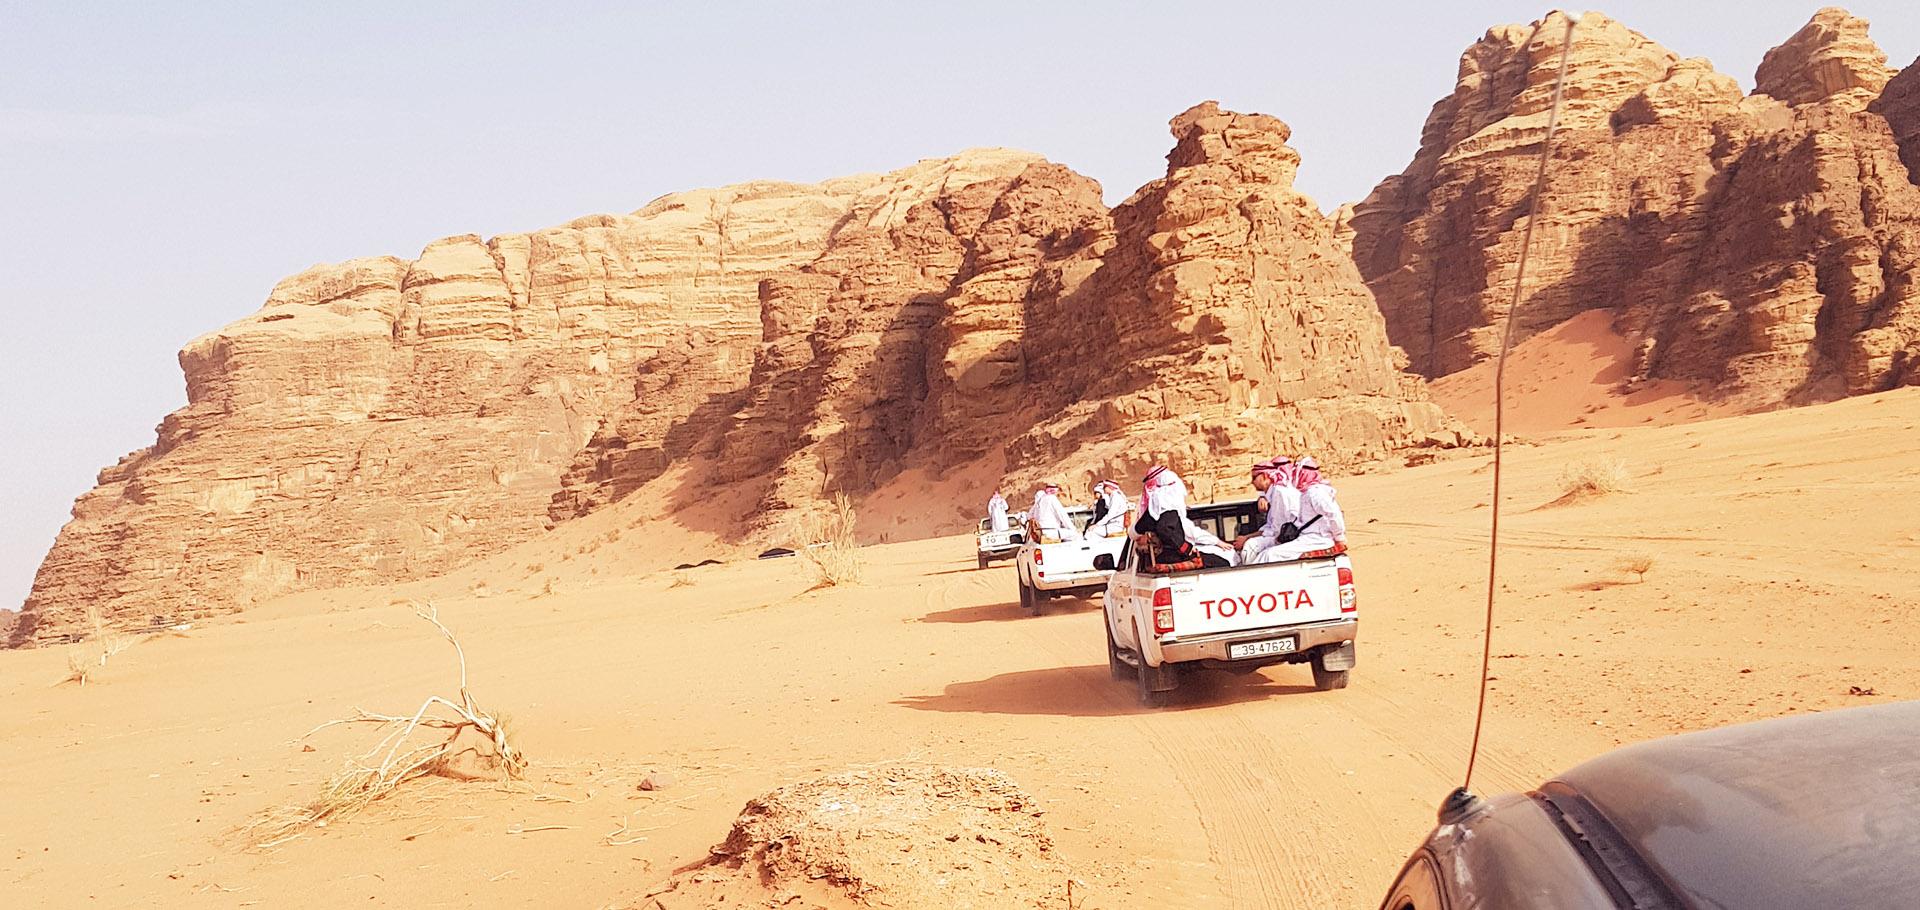 Jordania - Przejażdżka autami 4x4 po pustynii Wadi Rum